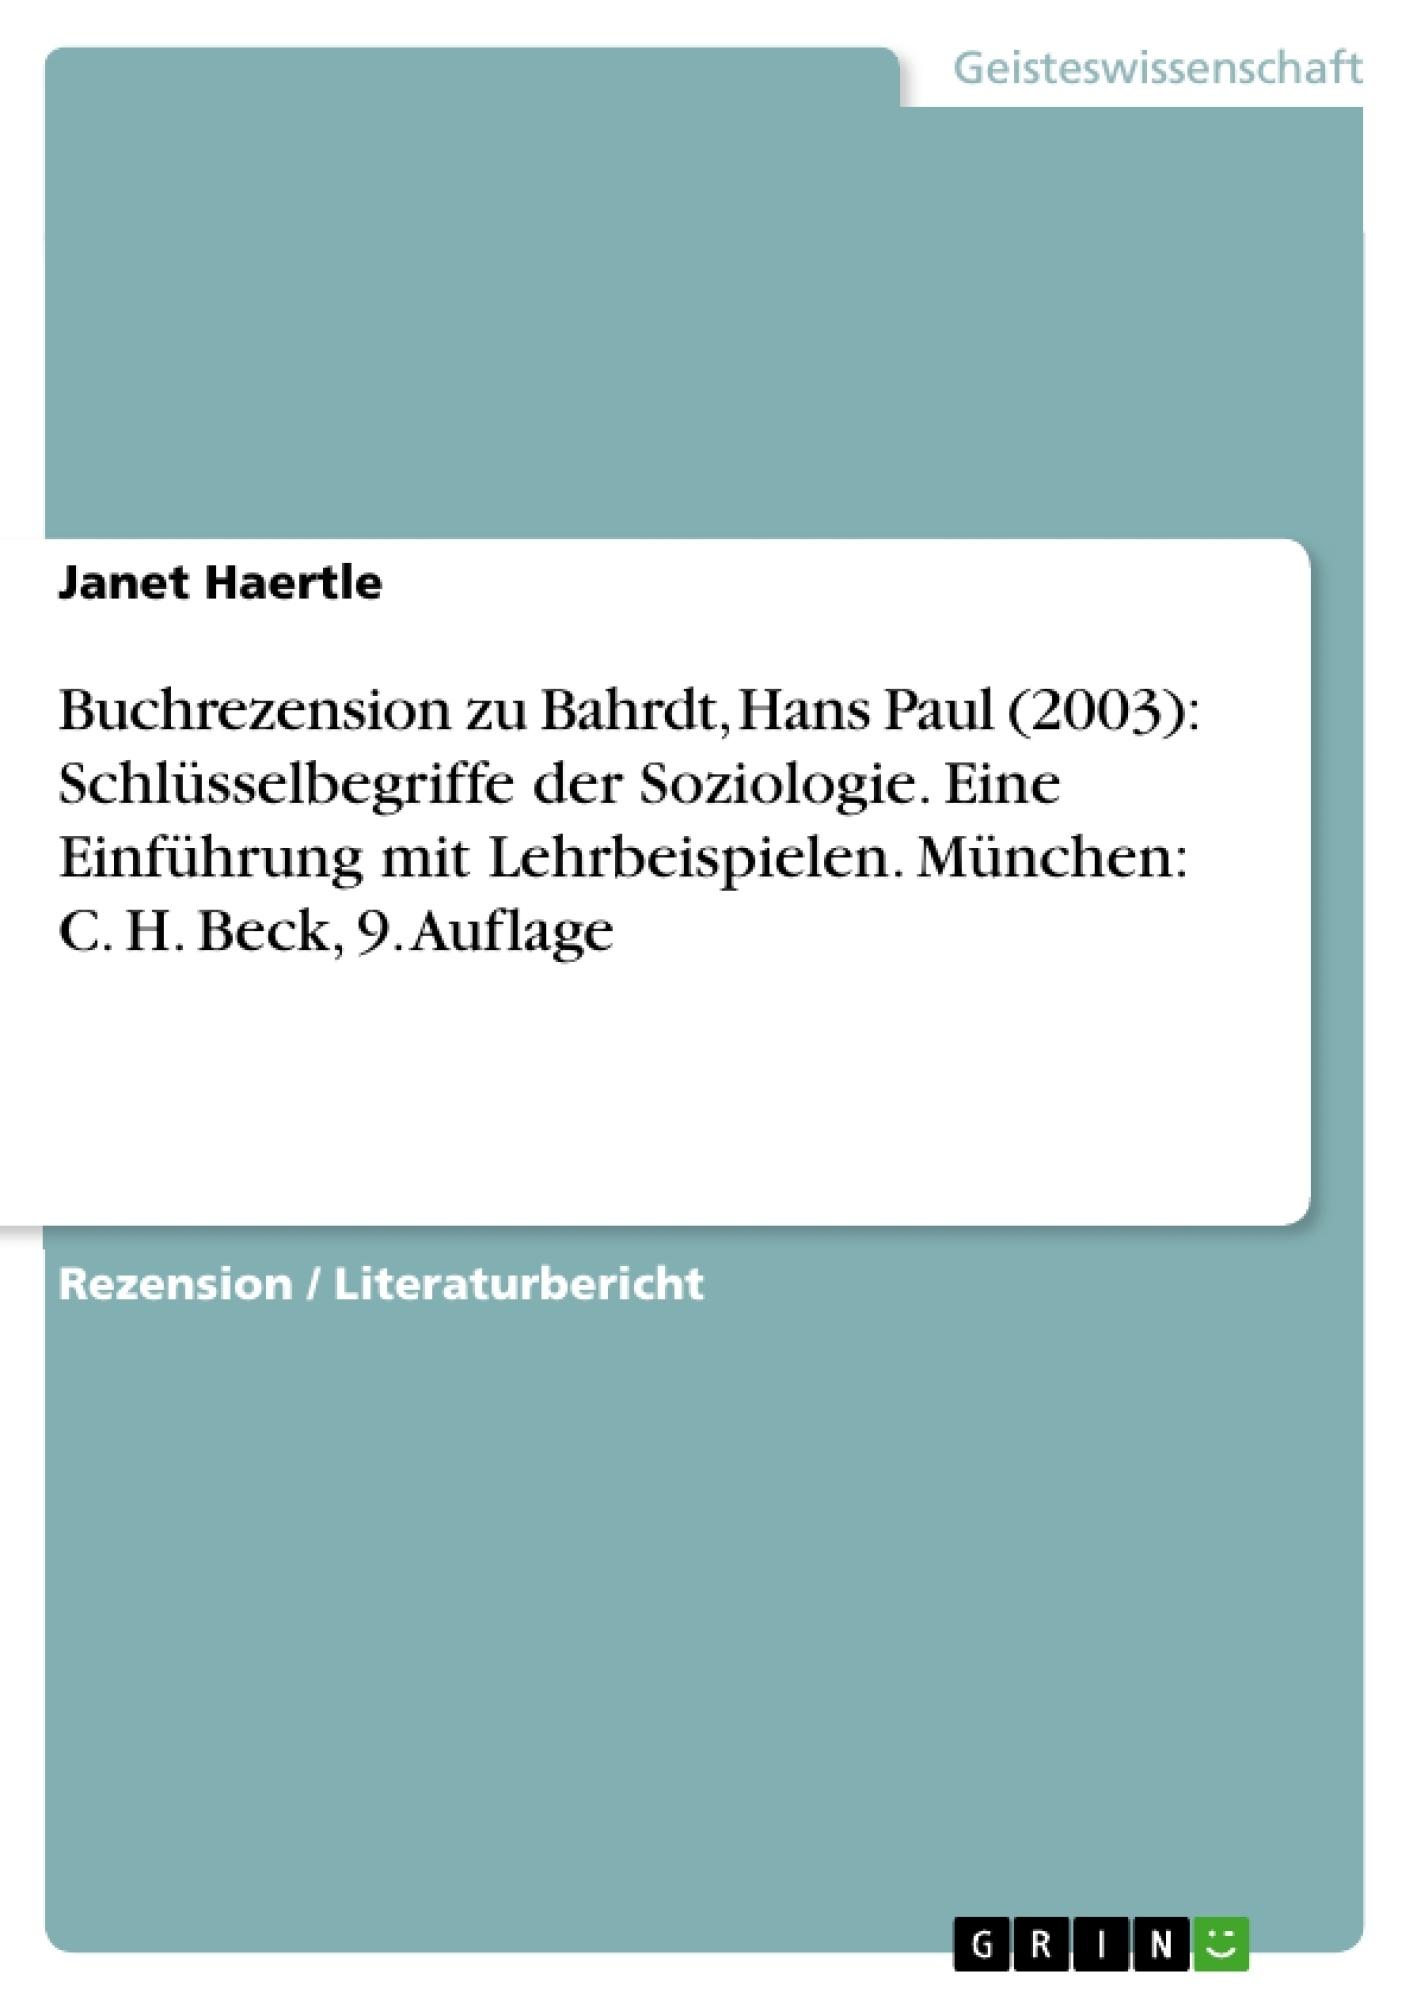 Titel: Buchrezension zu Bahrdt, Hans Paul (2003): Schlüsselbegriffe der Soziologie. Eine Einführung mit Lehrbeispielen. München: C. H. Beck, 9. Auflage